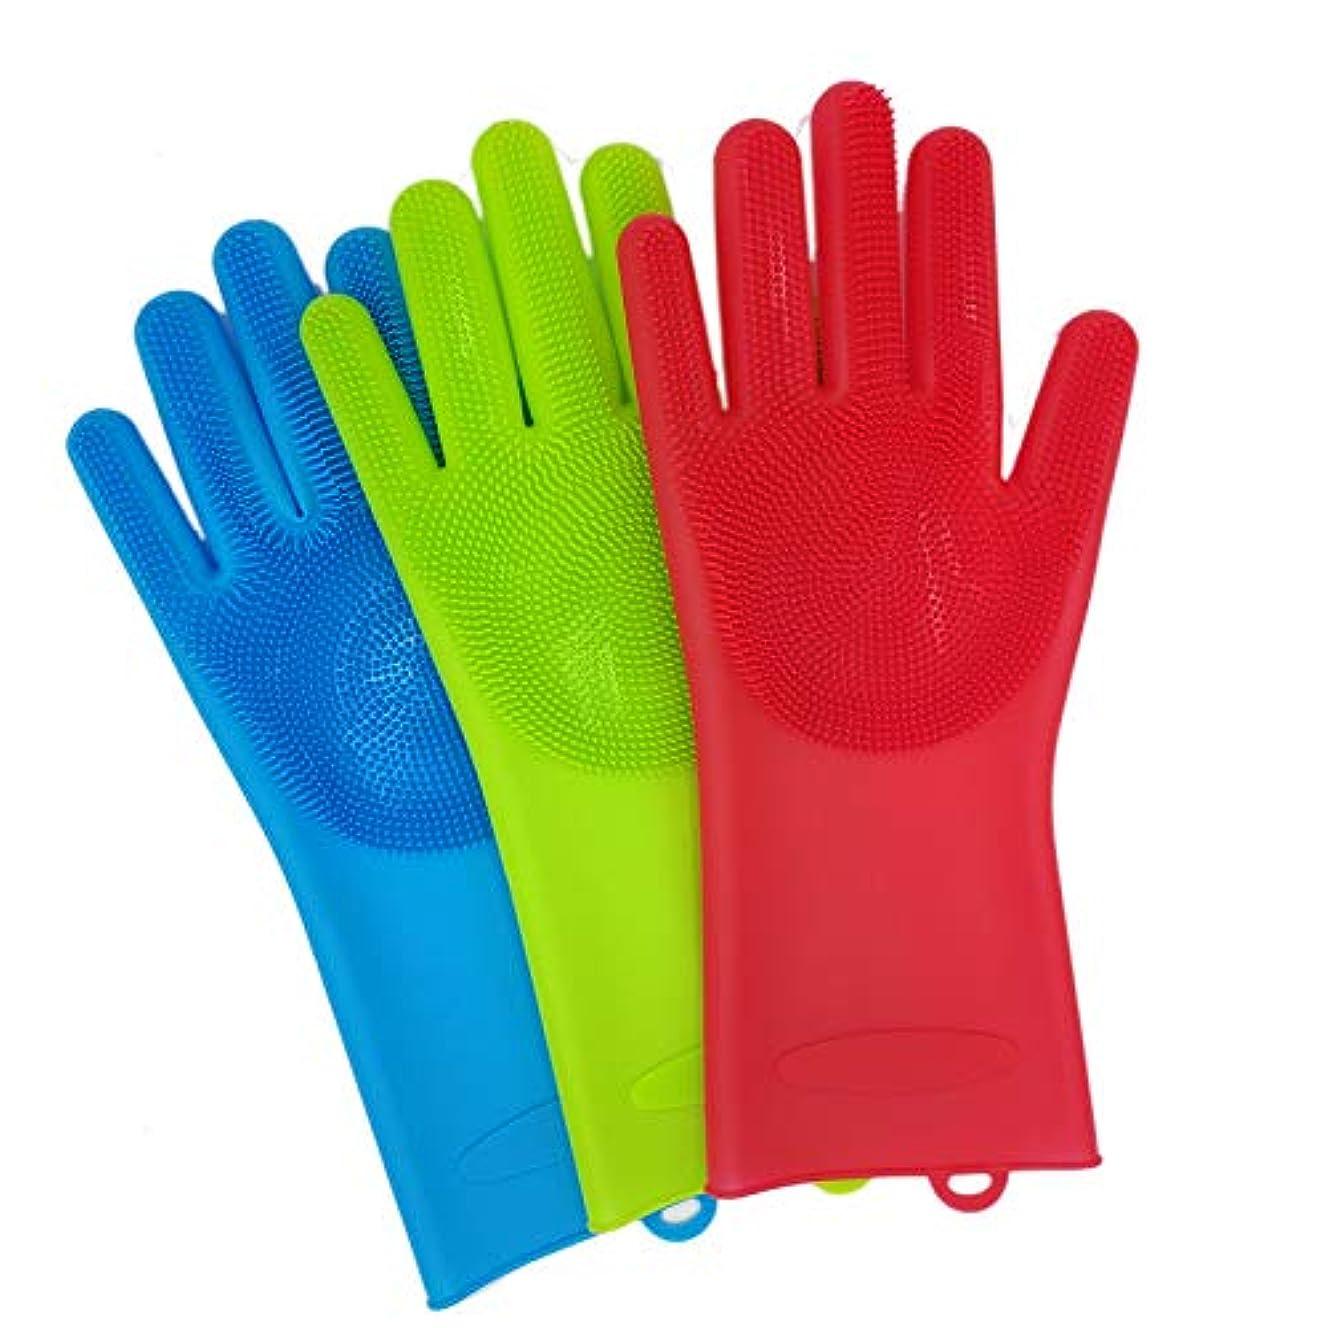 持ってる盲信歩き回るBTXXYJP 手袋 ペット ブラシ 猫 ブラシ グローブ 耐摩耗 クリーナー 抜け毛取り マッサージブラシ 犬 グローブ ペット毛取りブラシ お手入れ (Color : Blue, Size : L)